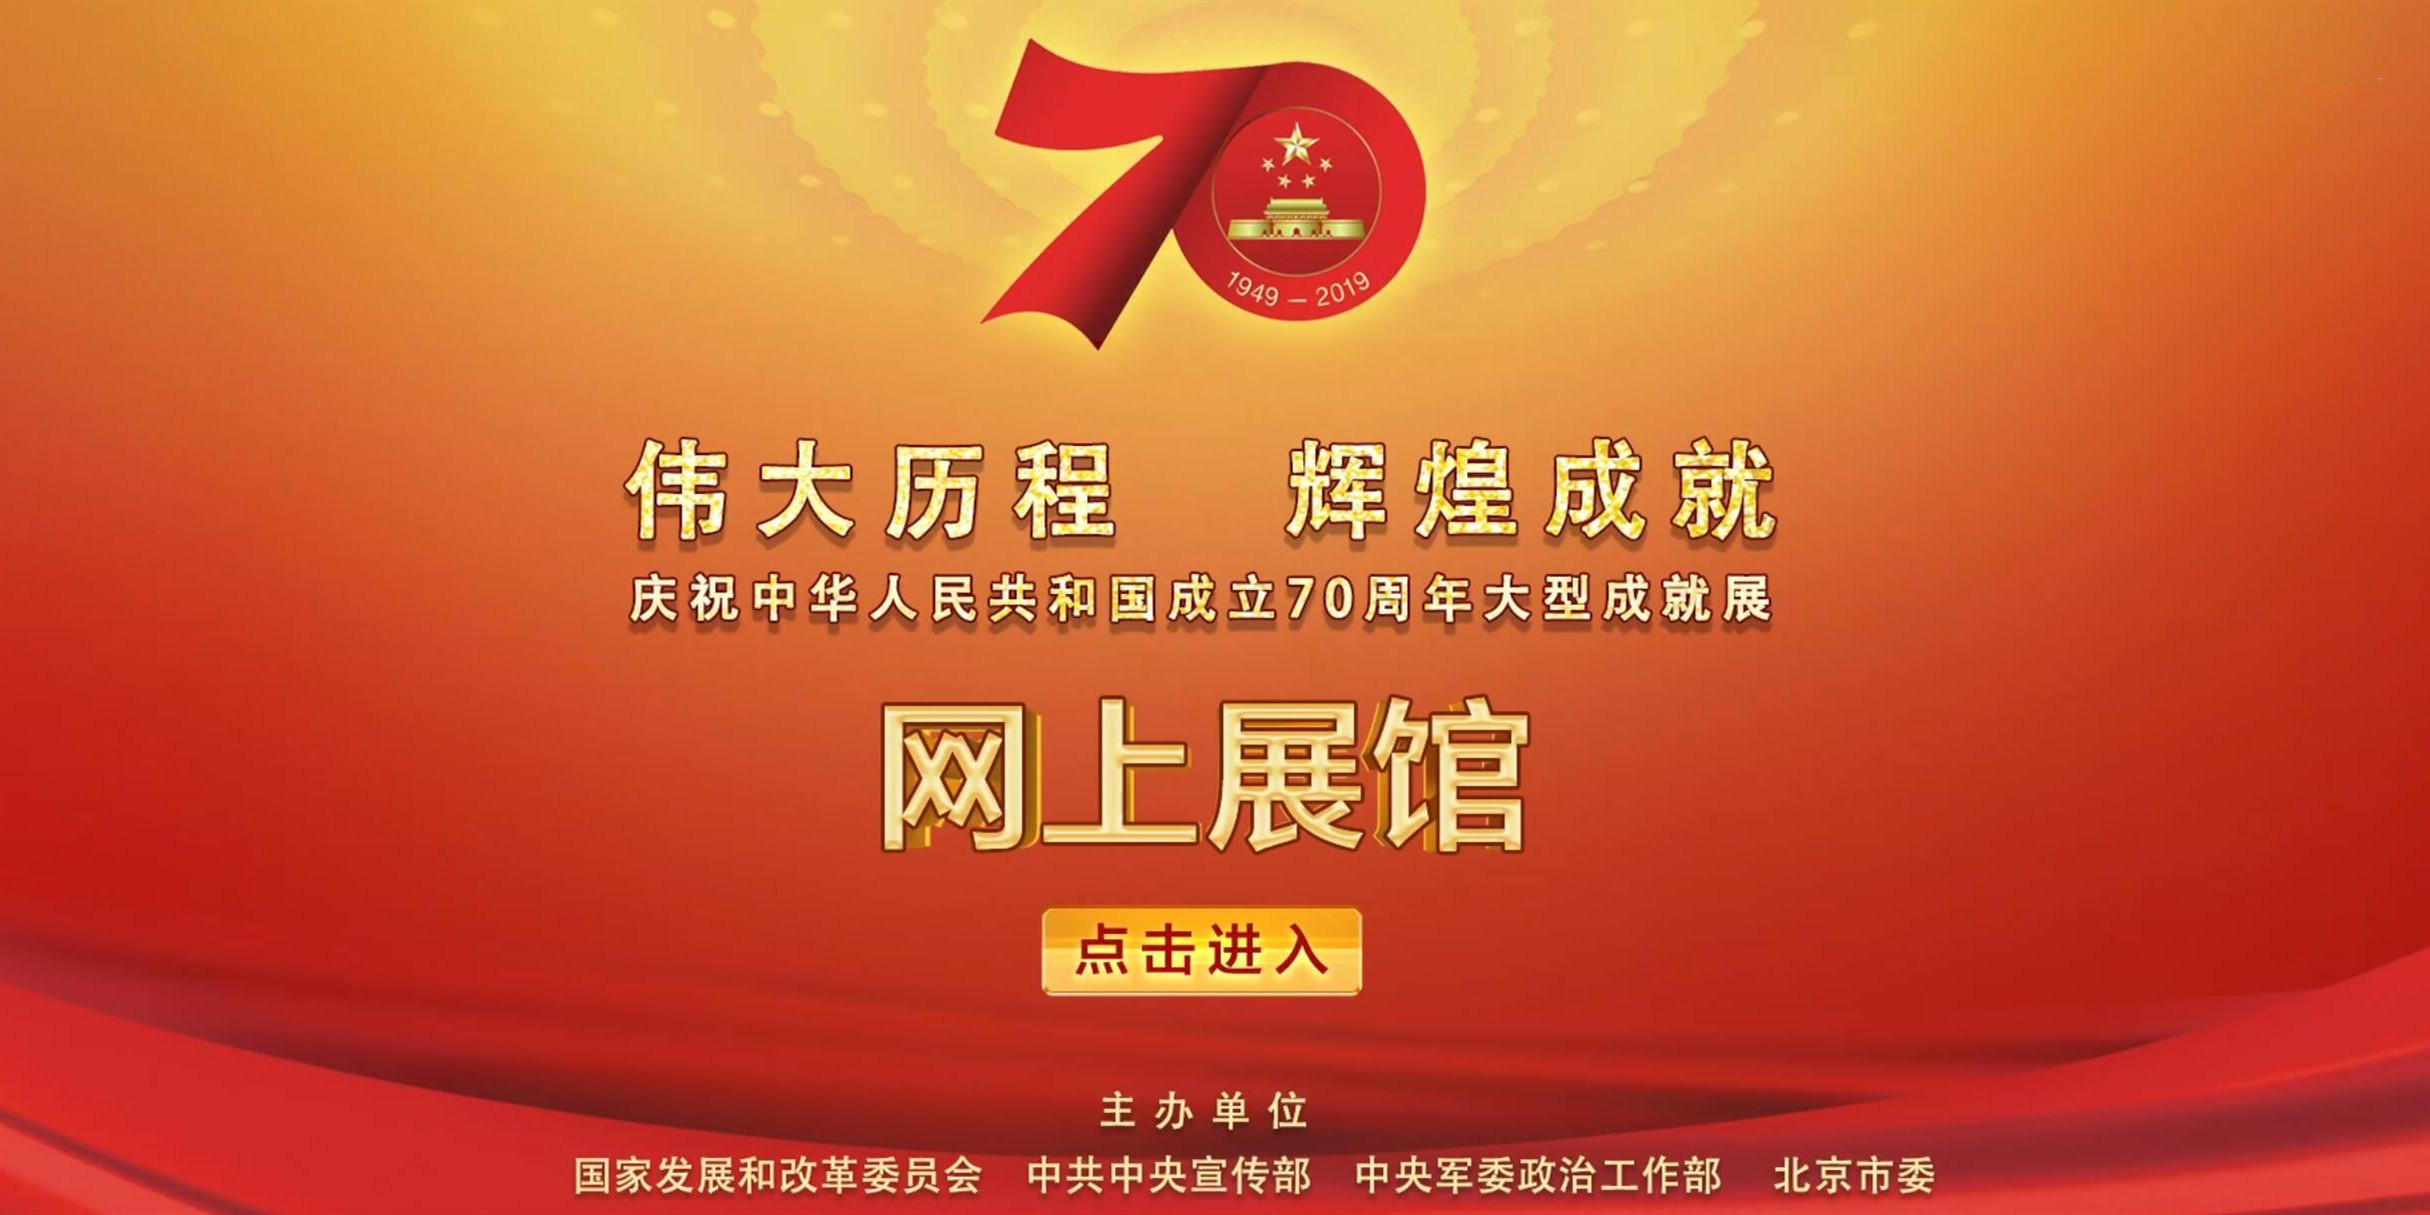 庆祝新中国成立70周年大型成就展网上展馆